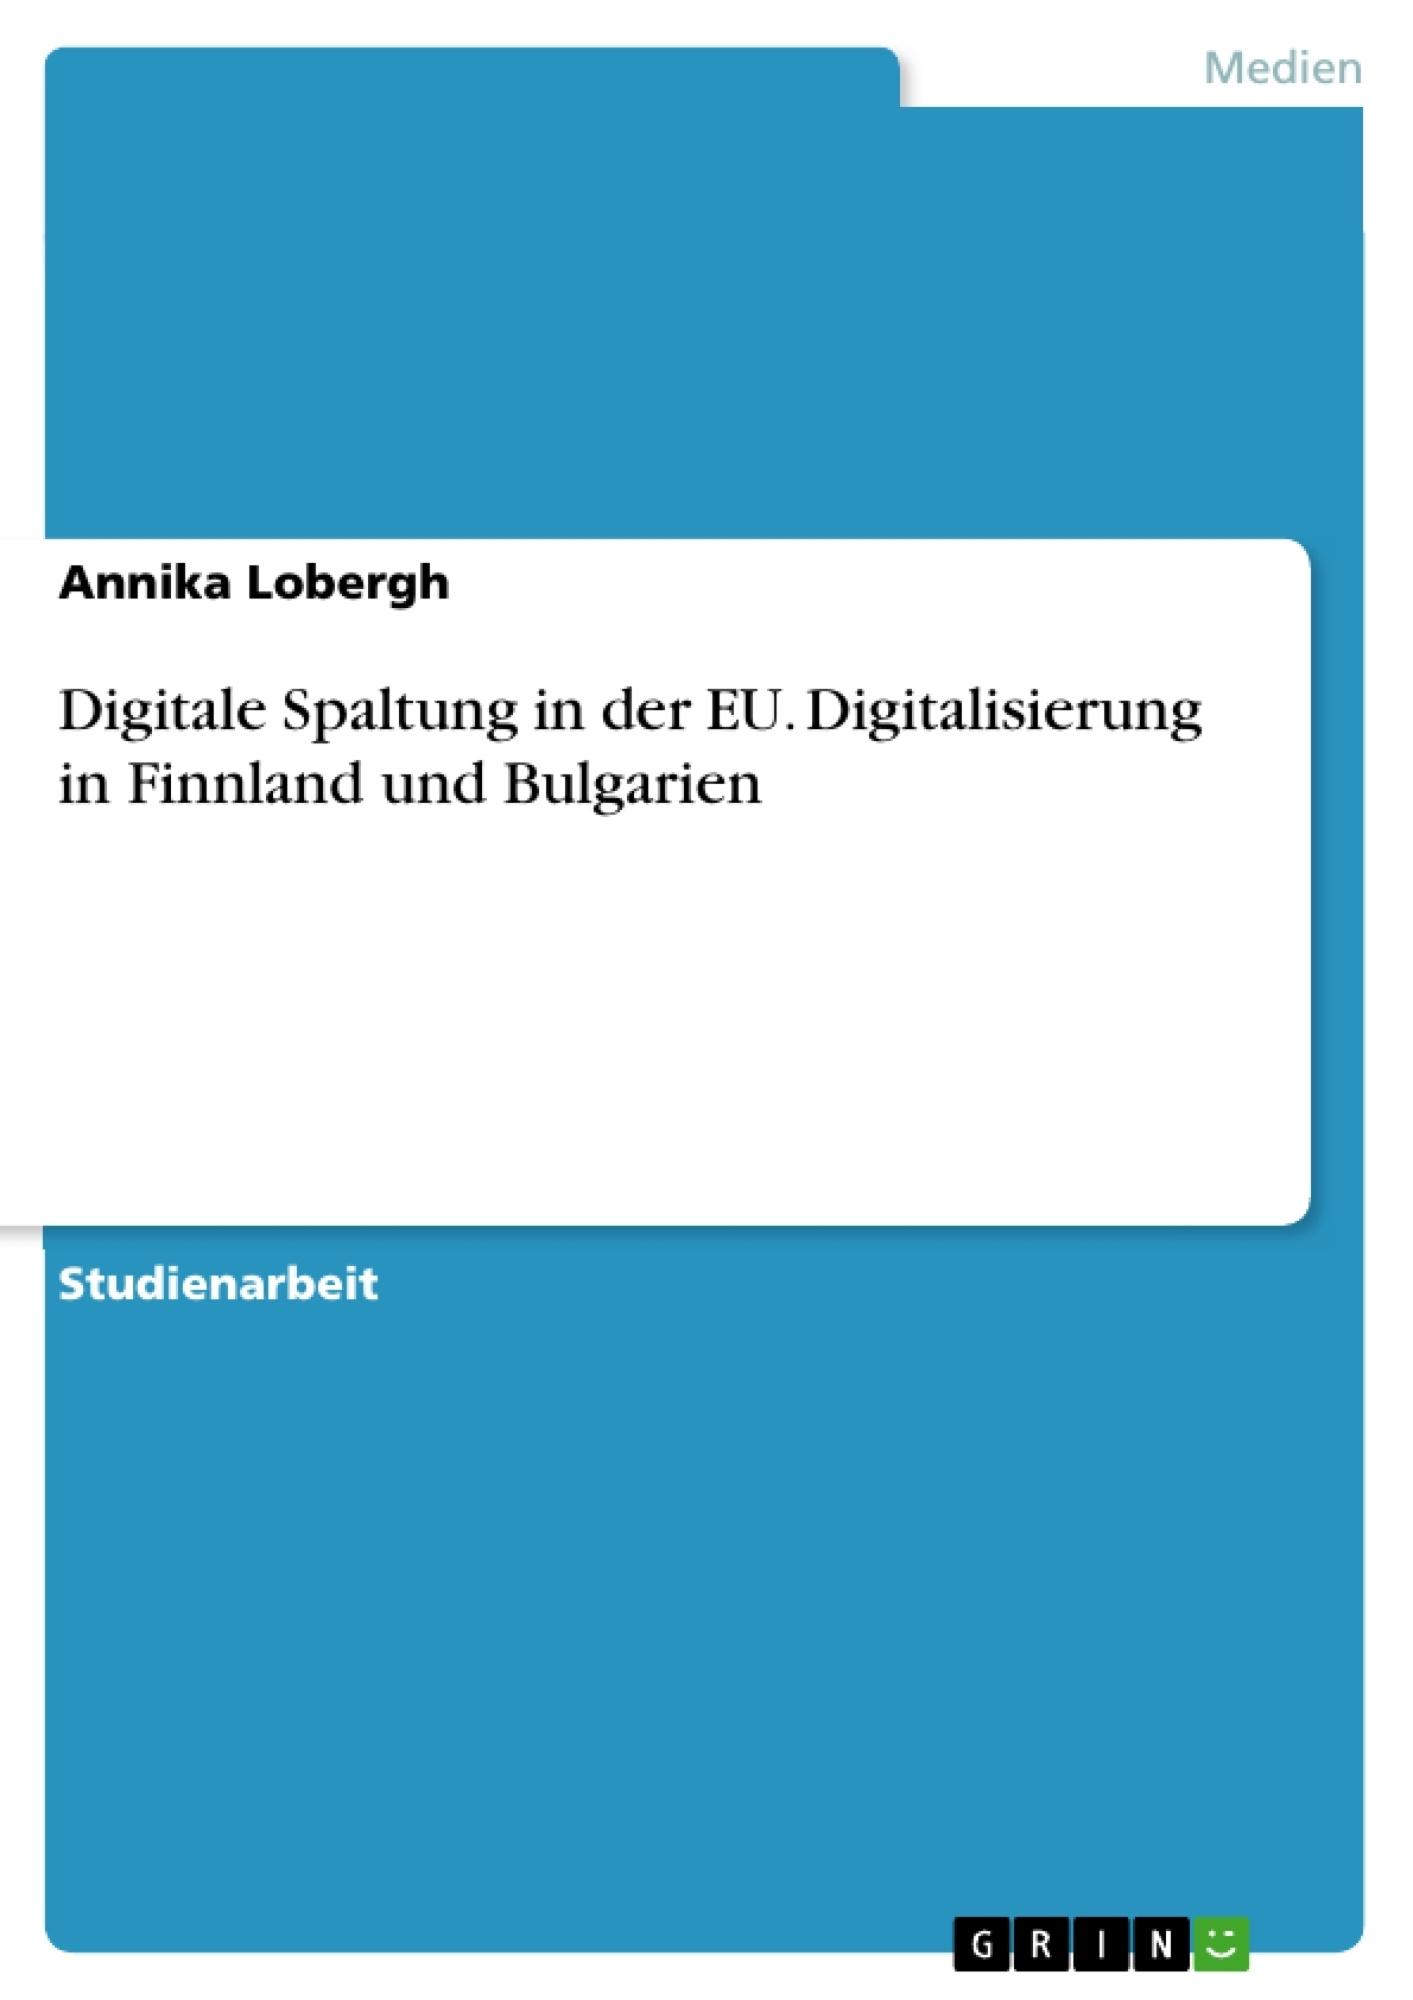 Titel: Digitale Spaltung in der EU. Digitalisierung in Finnland und Bulgarien